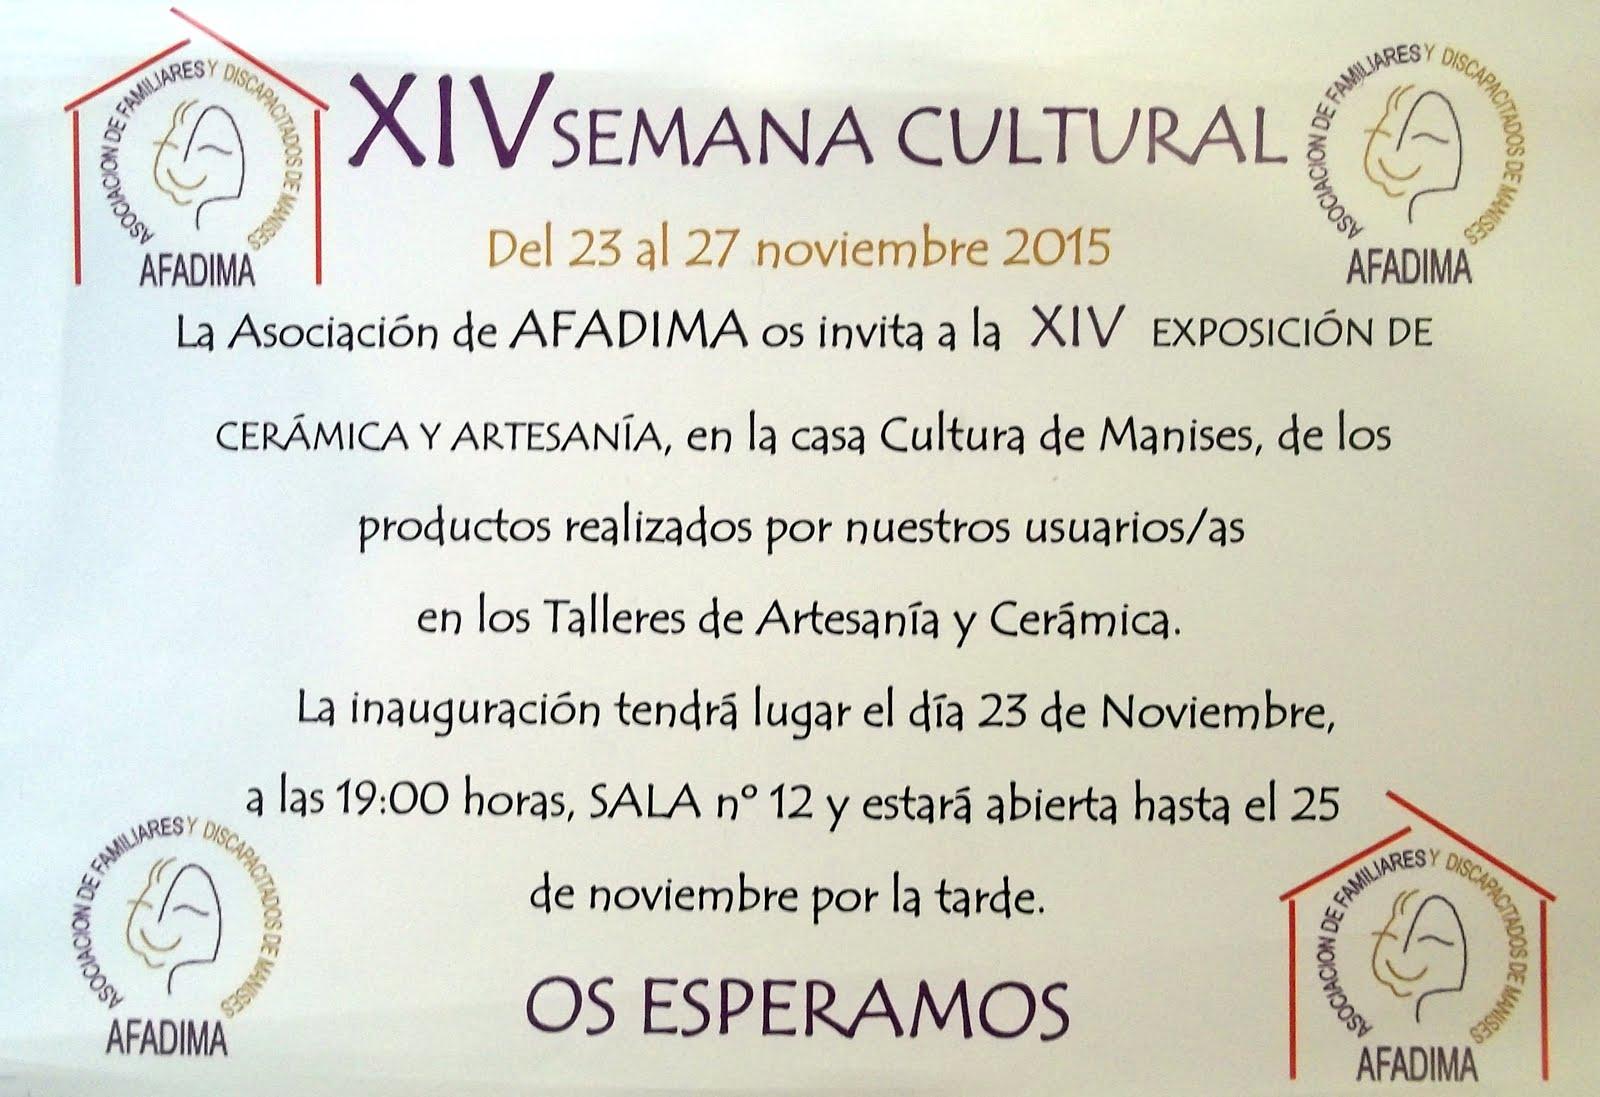 23.11.15 AFADIMA, EXPOSICIÓN EN LA CASA DE CULTURA DE MANISES